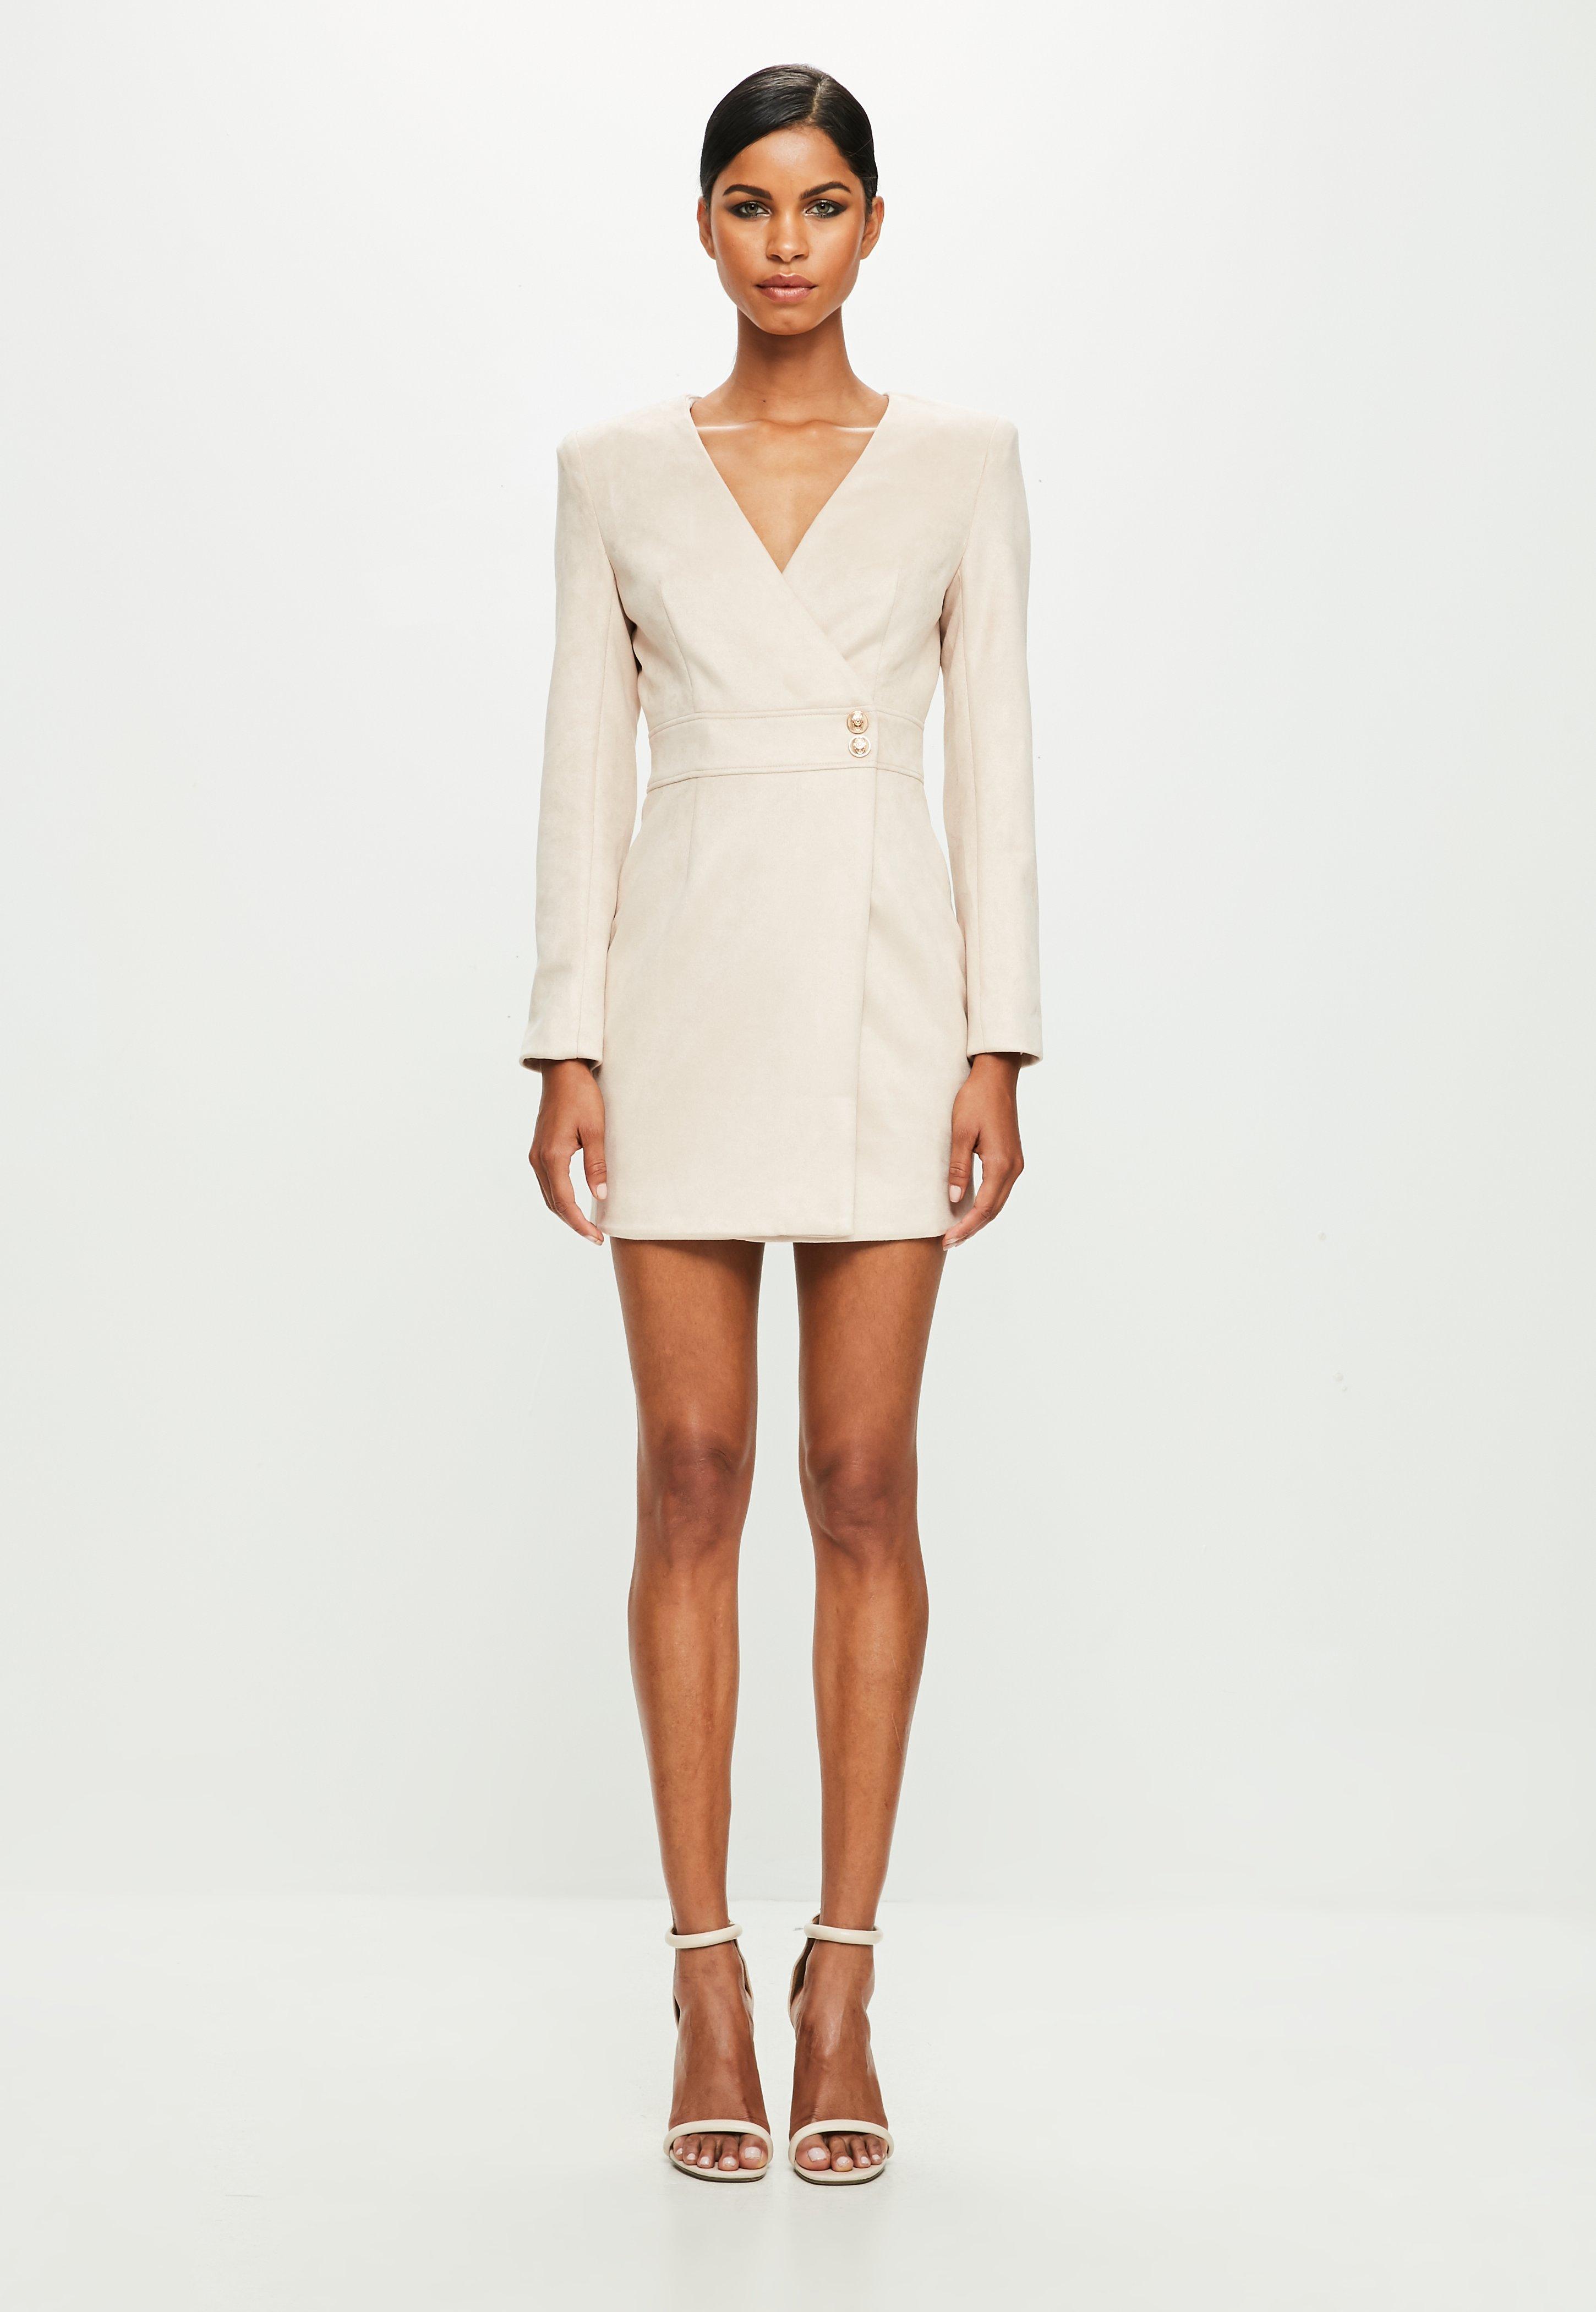 Wickelkleid brautjungfer – Elegante Kleider dieses Jahr